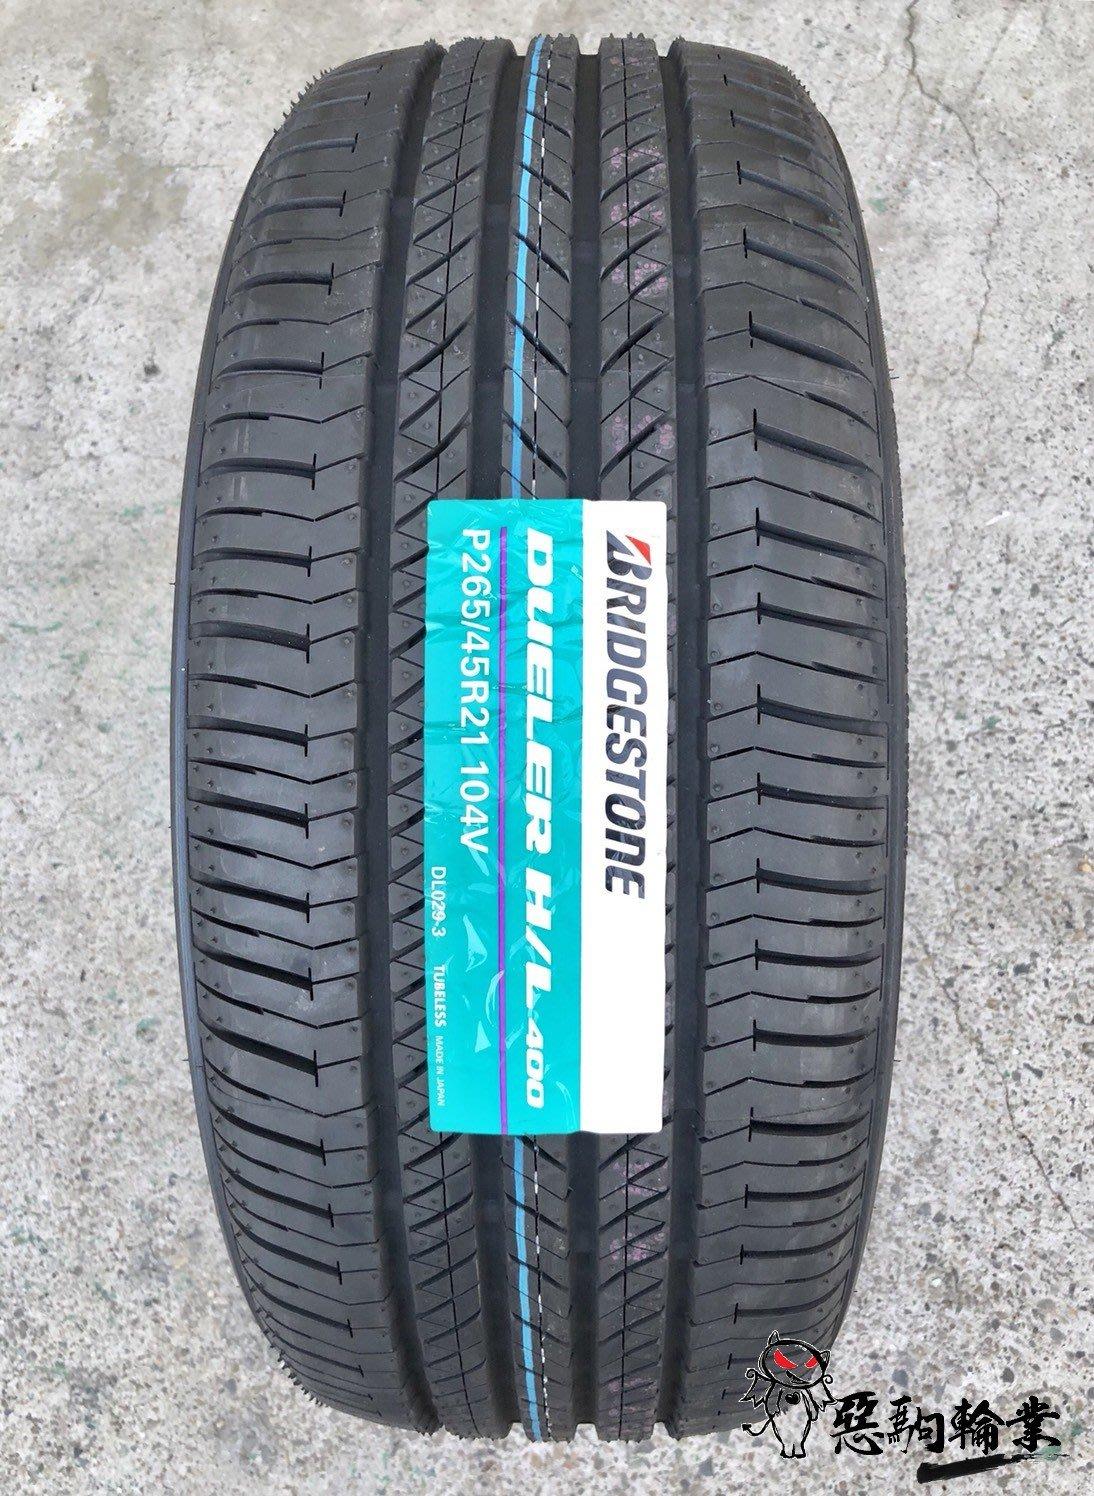 全新輪胎 BRIDGESTONE 普利司通 DUELER D400 H/L 265/45-21 日本製造 (含安裝)